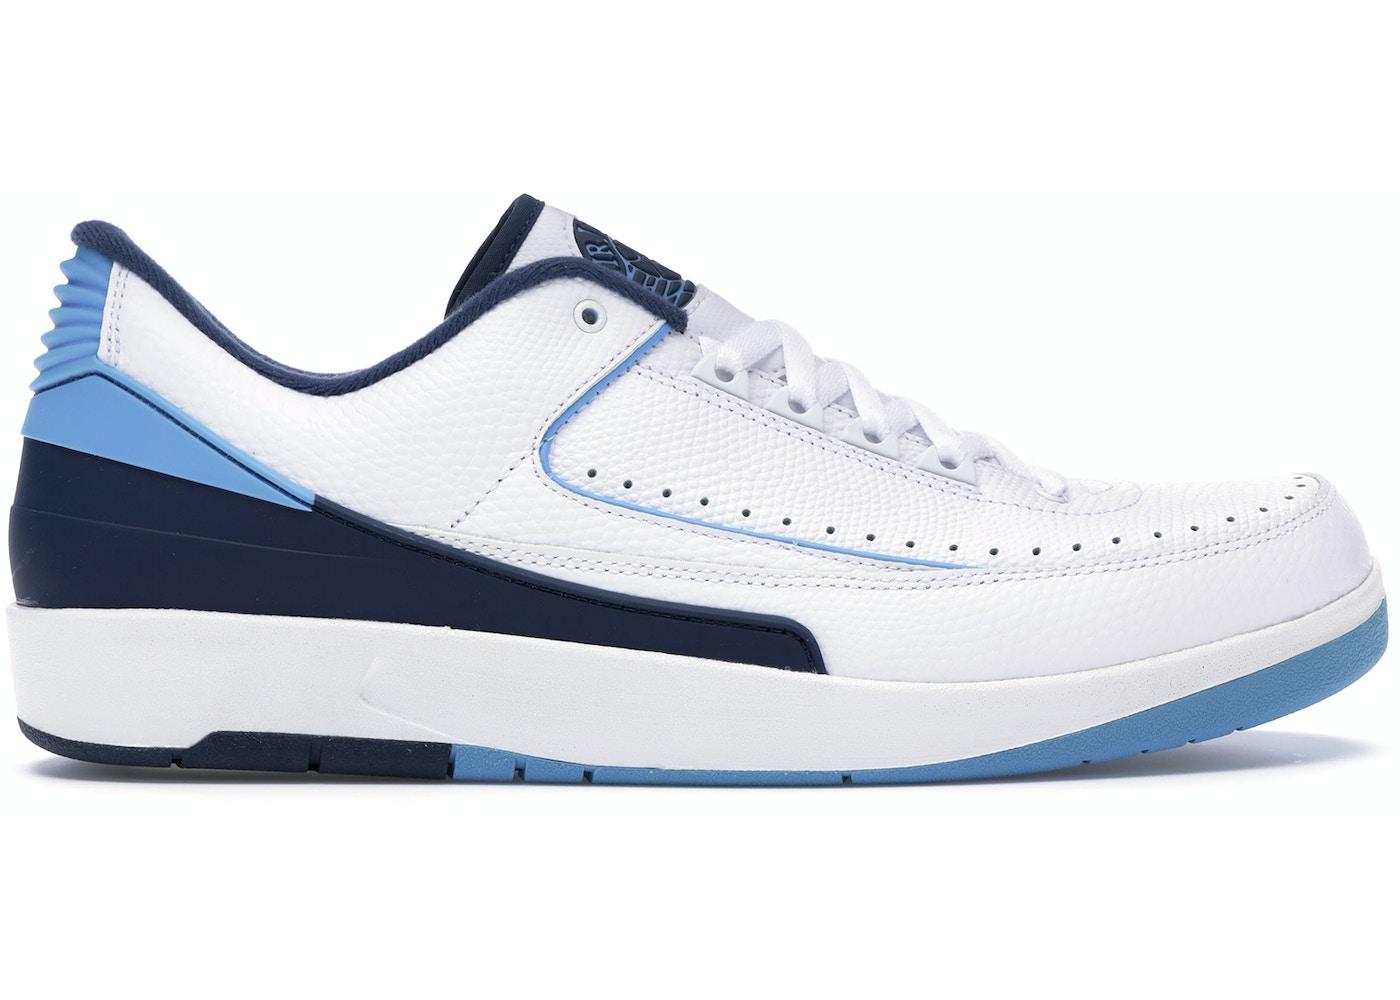 96f74b89024 Buy Air Jordan 2 Shoes & Deadstock Sneakers